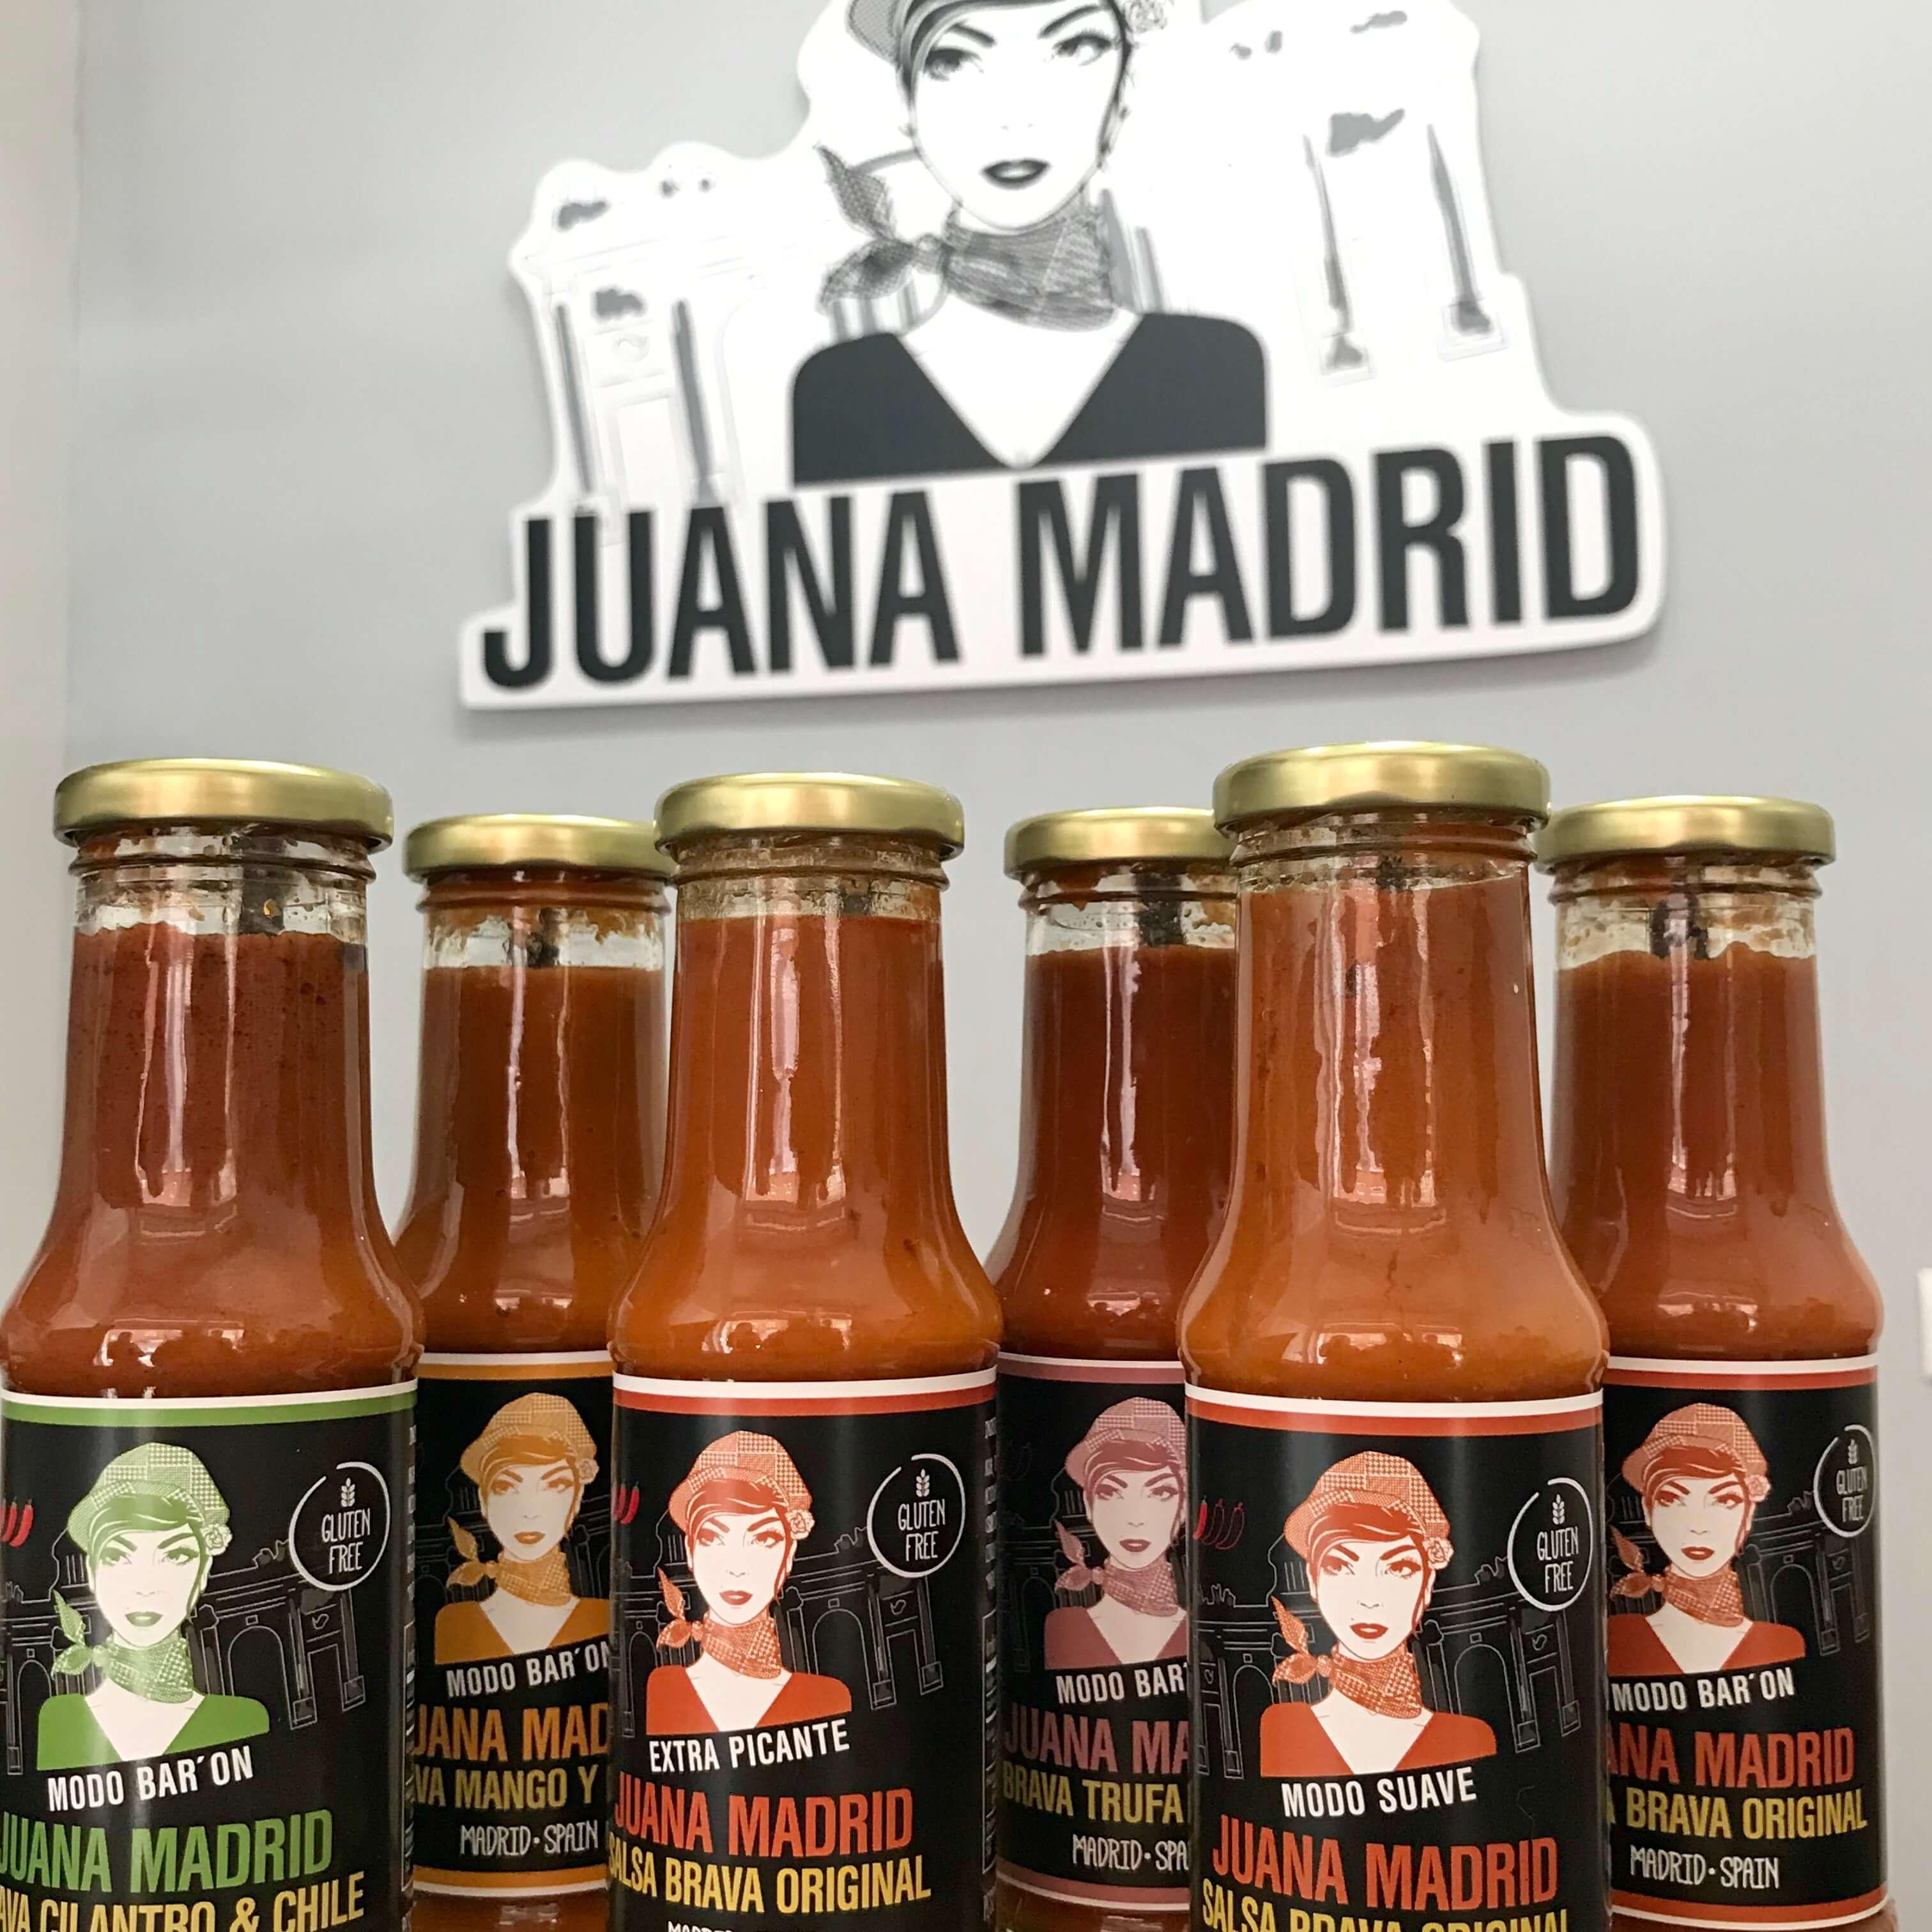 Juana Madrid, Salsa brava